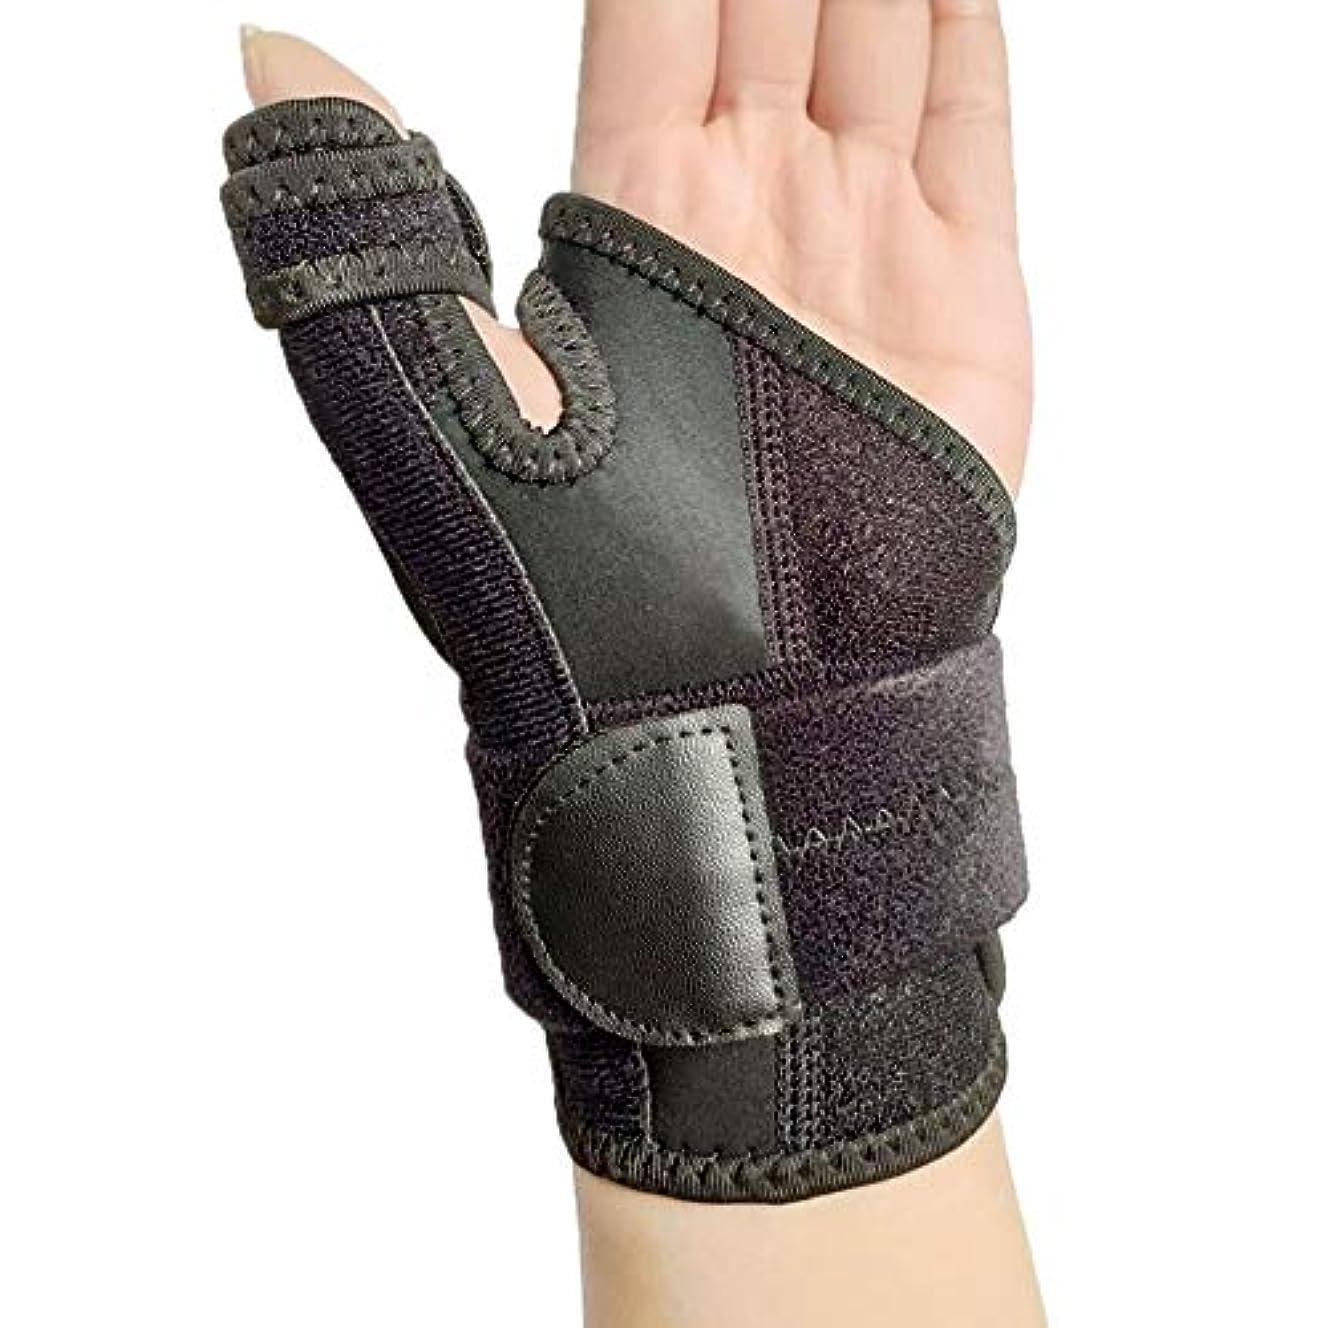 クマノミ悪名高い無法者調節可能な手の捻挫メンズ?レディース?便利なスポーツ破壊無垢バンド手根管手首のサポートブレースベルト親指Bracer